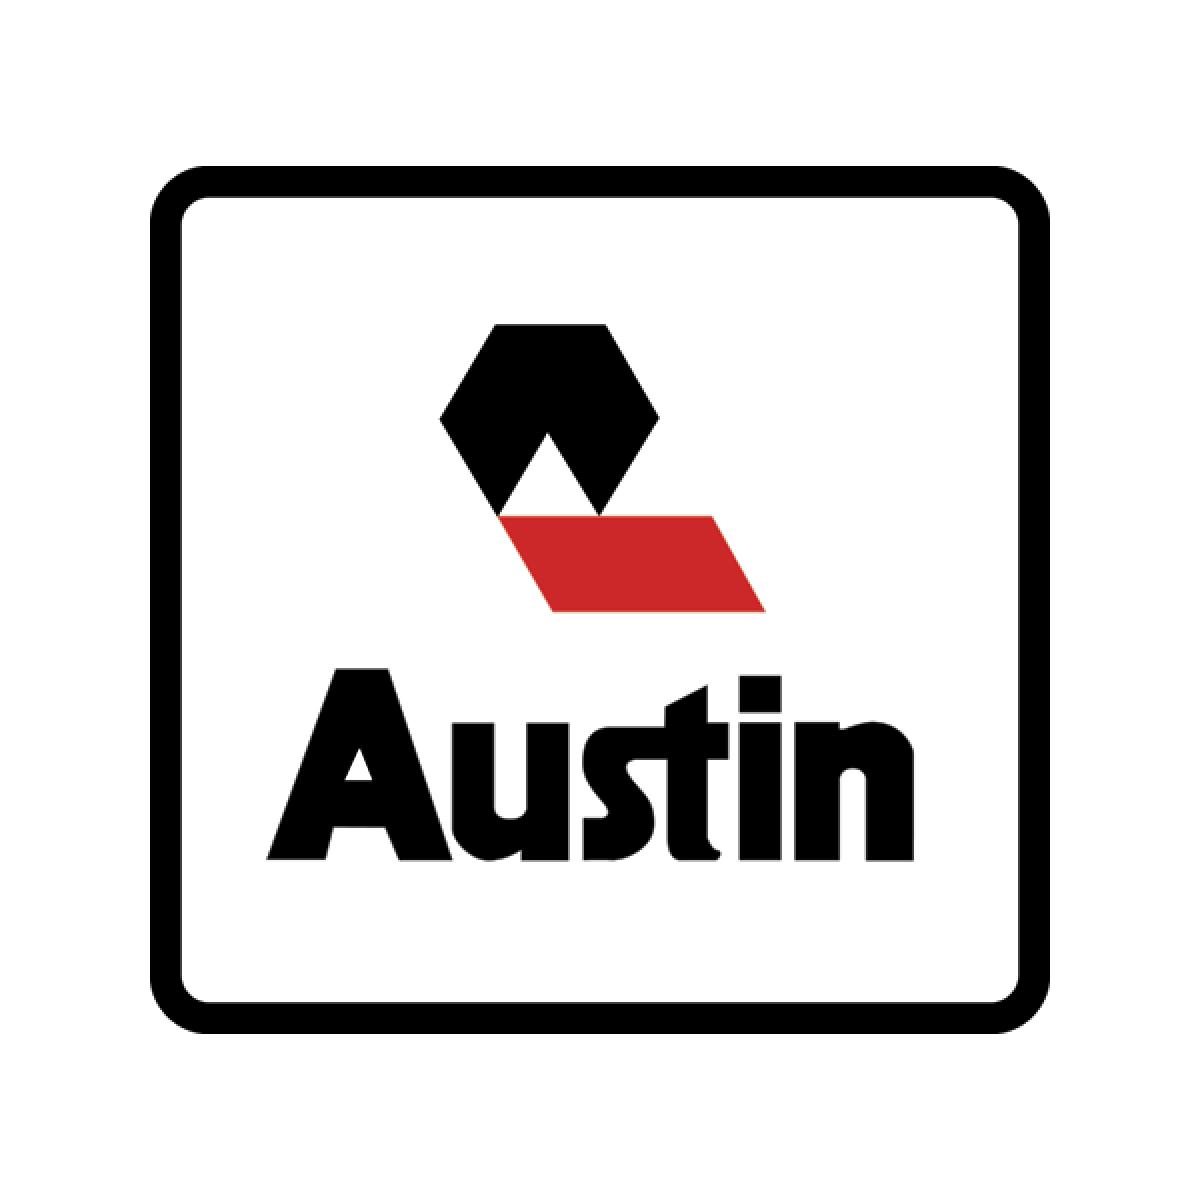 Avatar - Austin